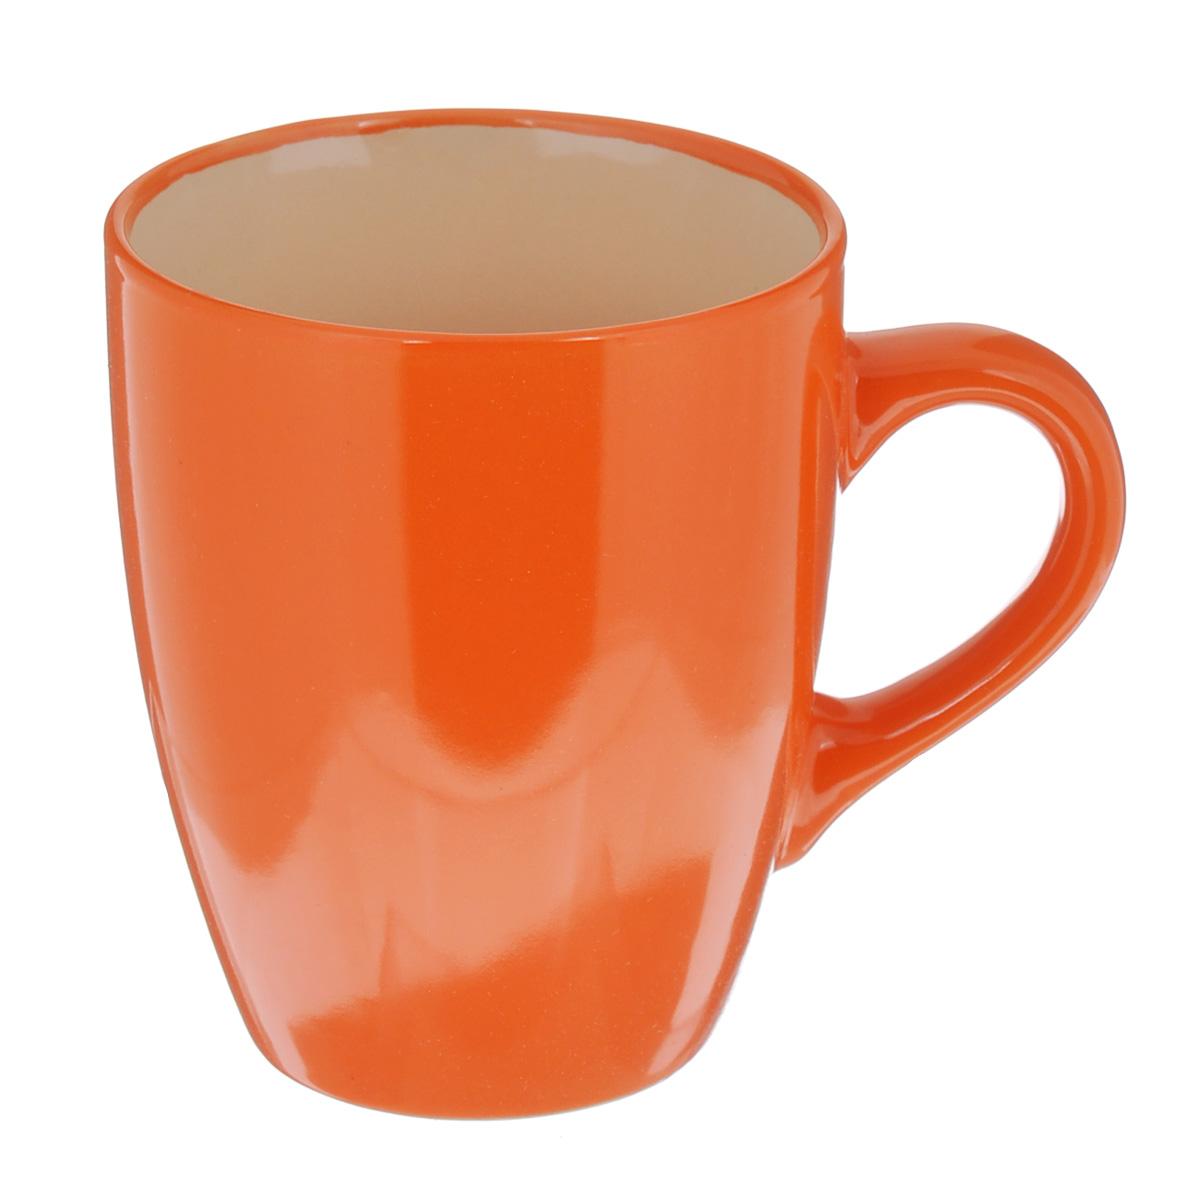 Кружка Shenzhen Xin Tianli, цвет: оранжевый, 370 млTLSD4-8Кружка Shenzhen Xin Tianli выполнена из высококачественной керамики и имеет спокойный классический дизайн. Это изделие экологически безопасно. Кружка Shenzhen Xin Tianli станет замечательным сувениром к любому случаю.